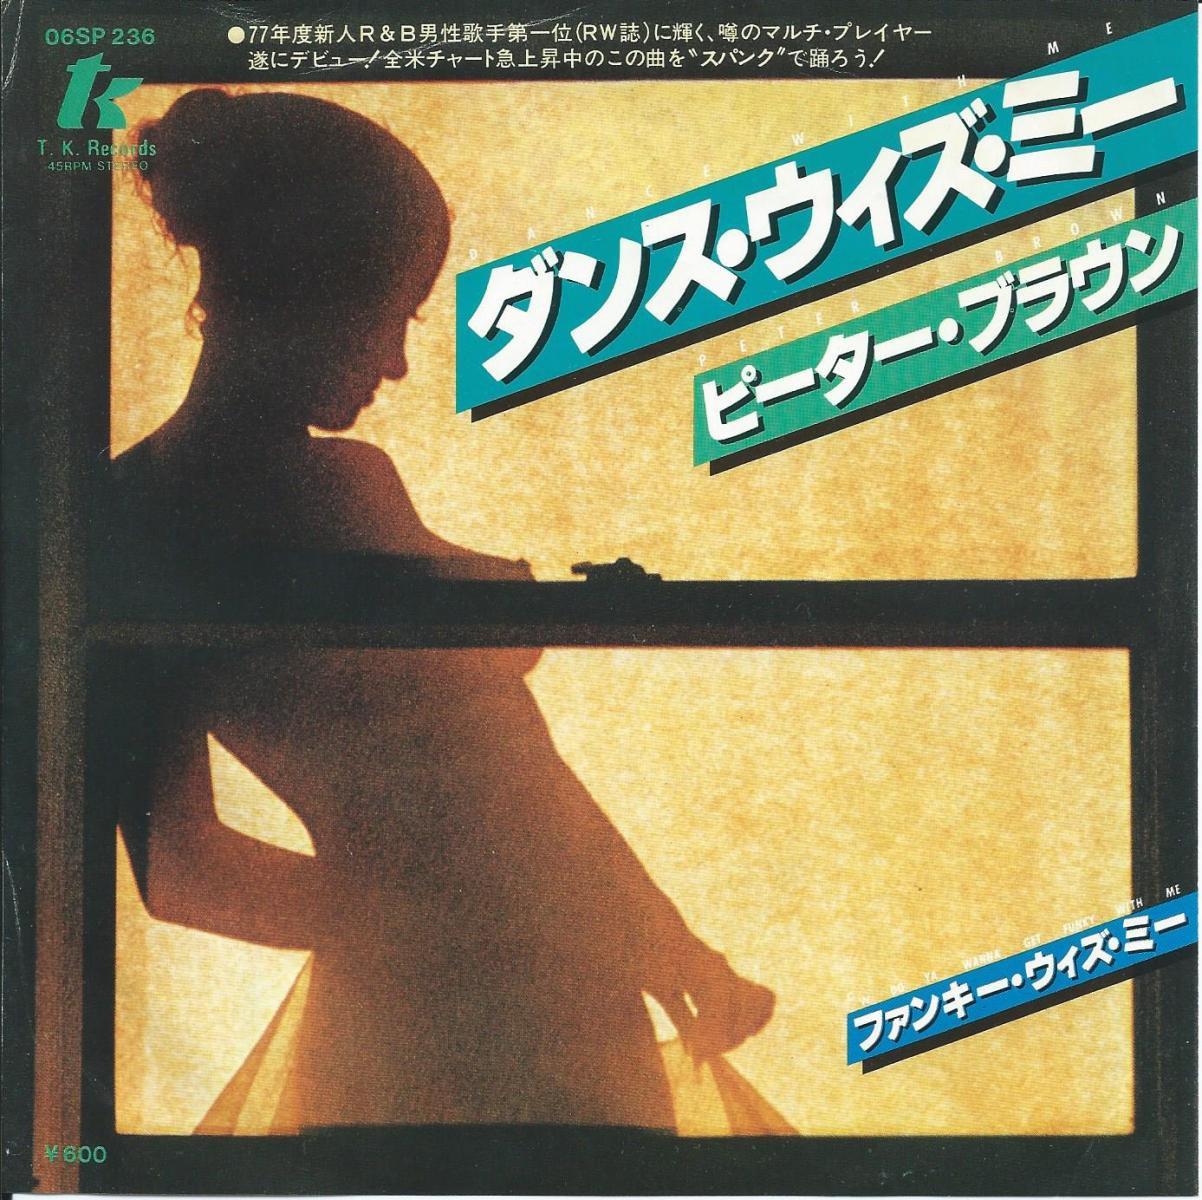 ピーター・ブラウン PETER BROWN / ダンス・ウィズ・ミー DANCE WITH ME (7